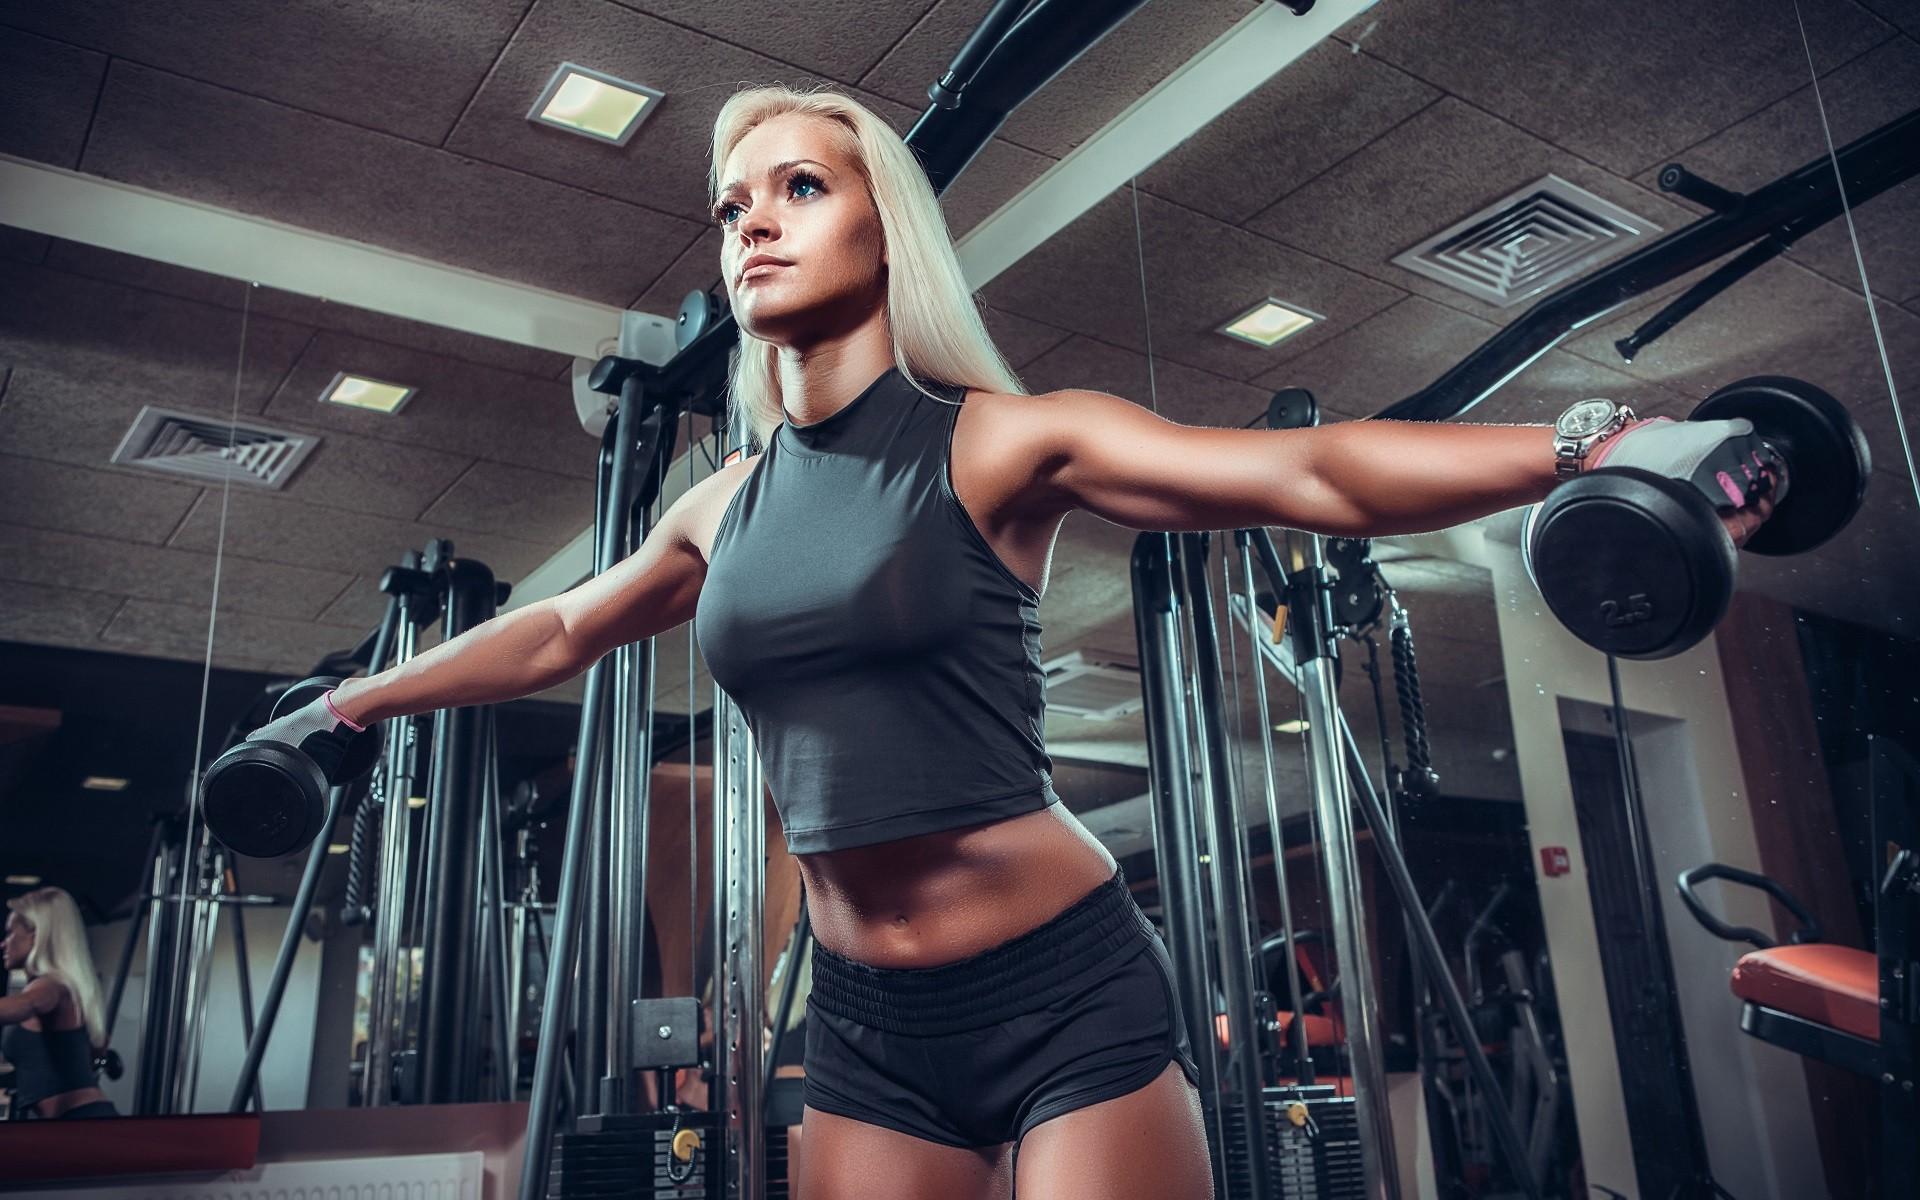 Wallpaper sports women blonde blue eyes room - Wallpaper fitness women ...